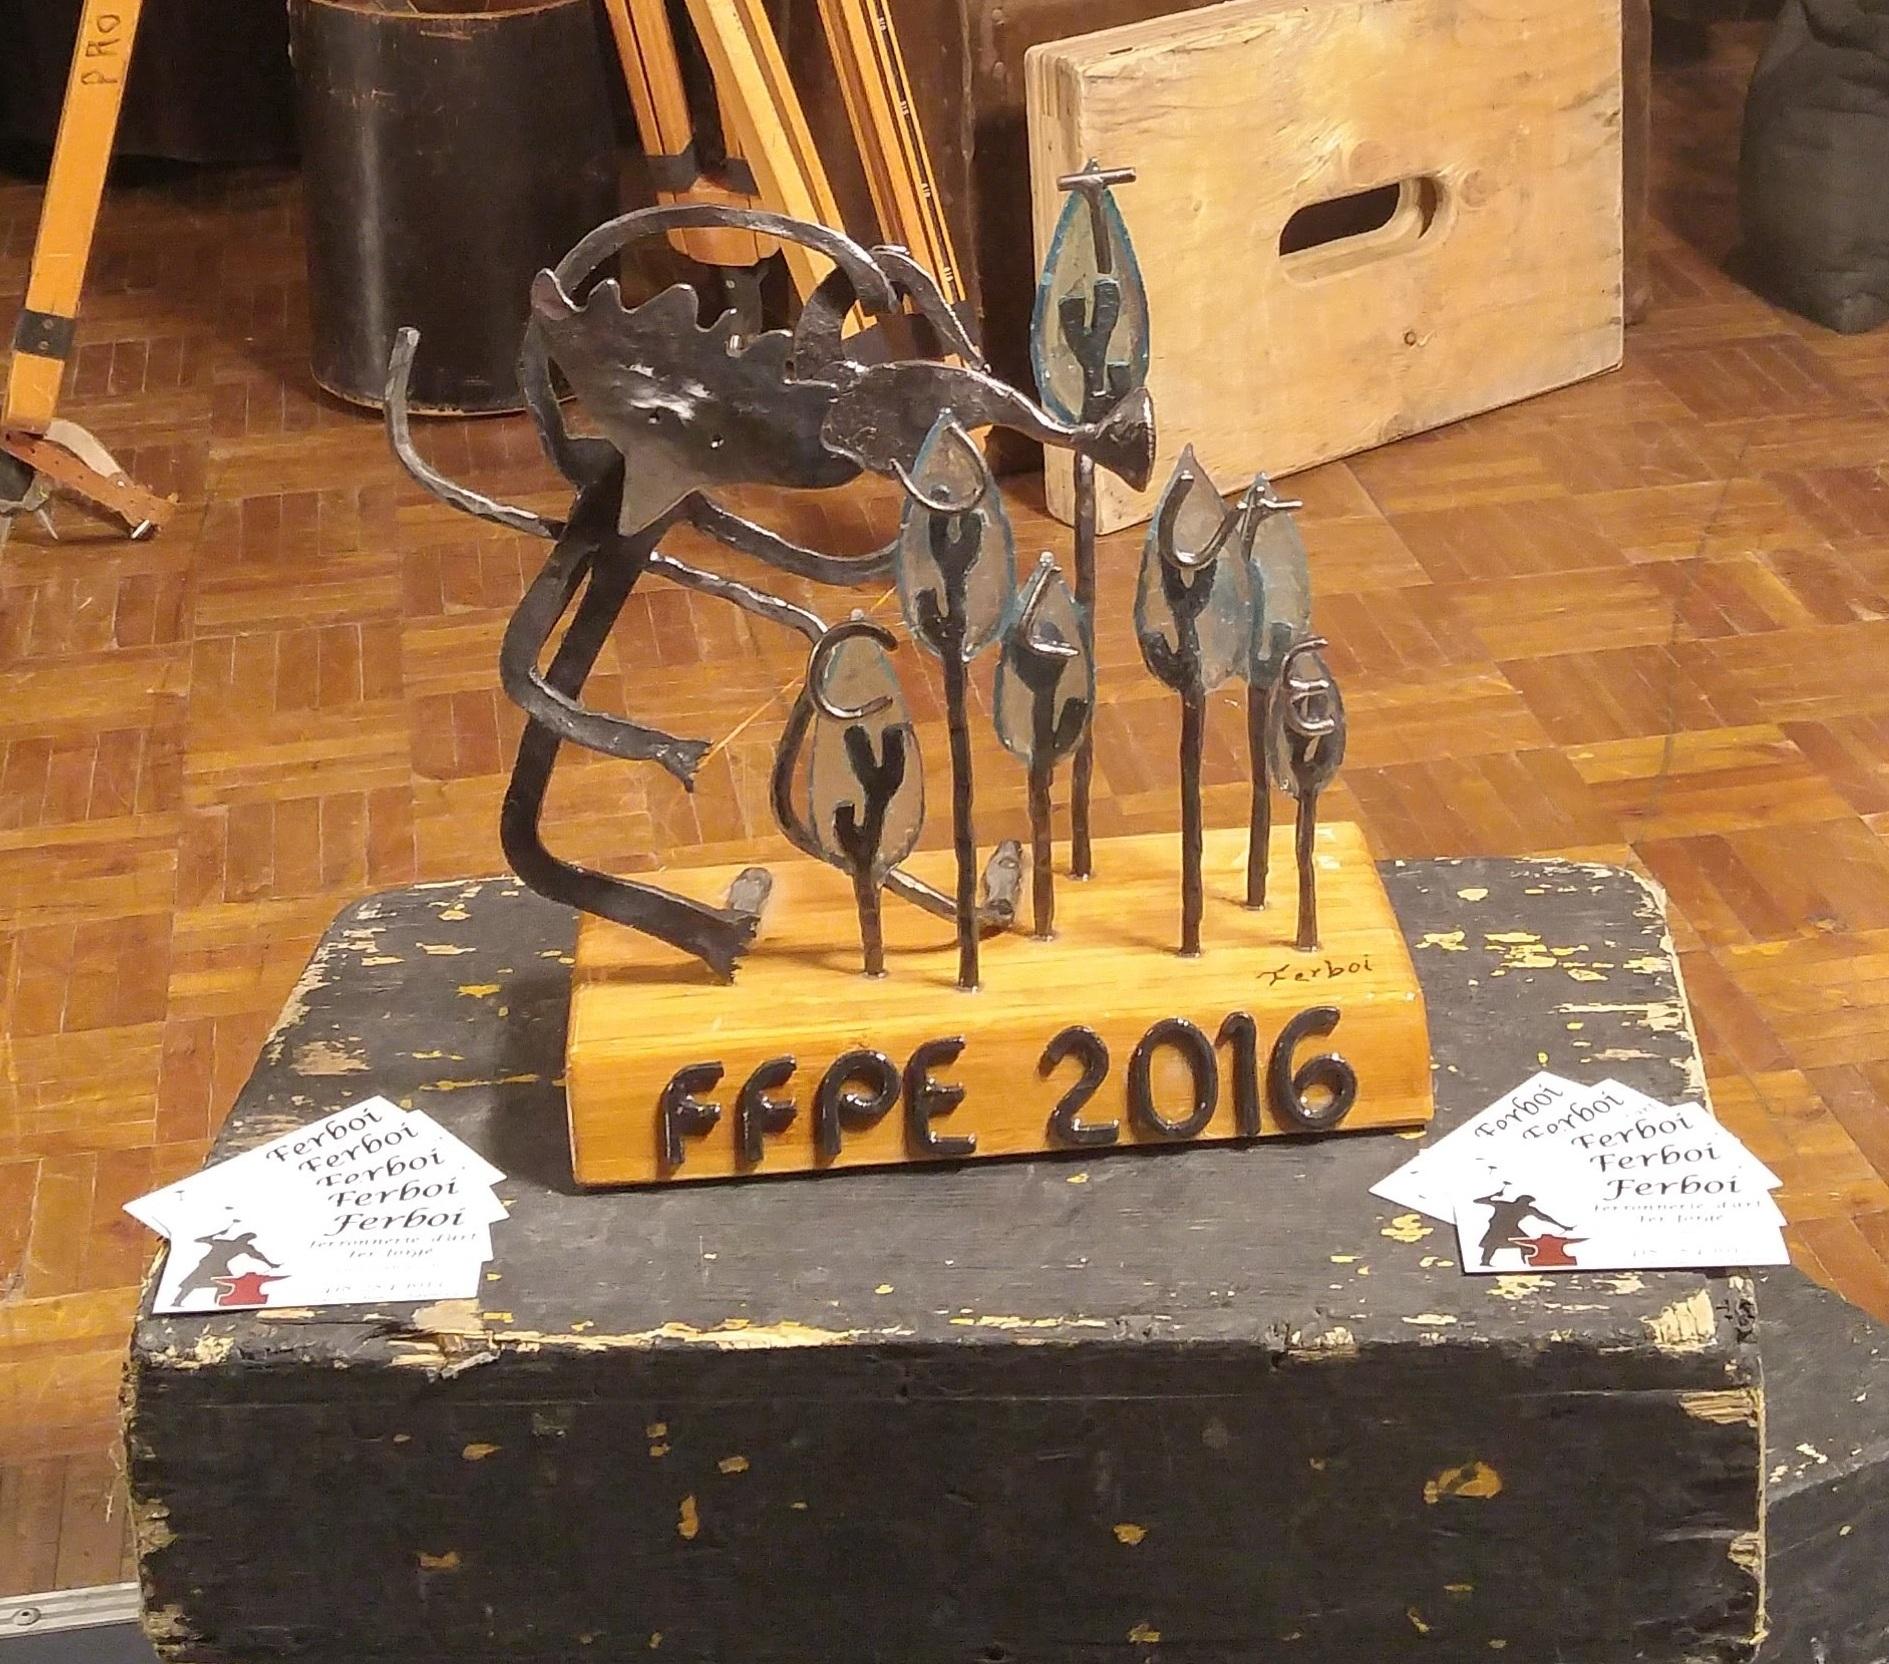 FFPE 2016